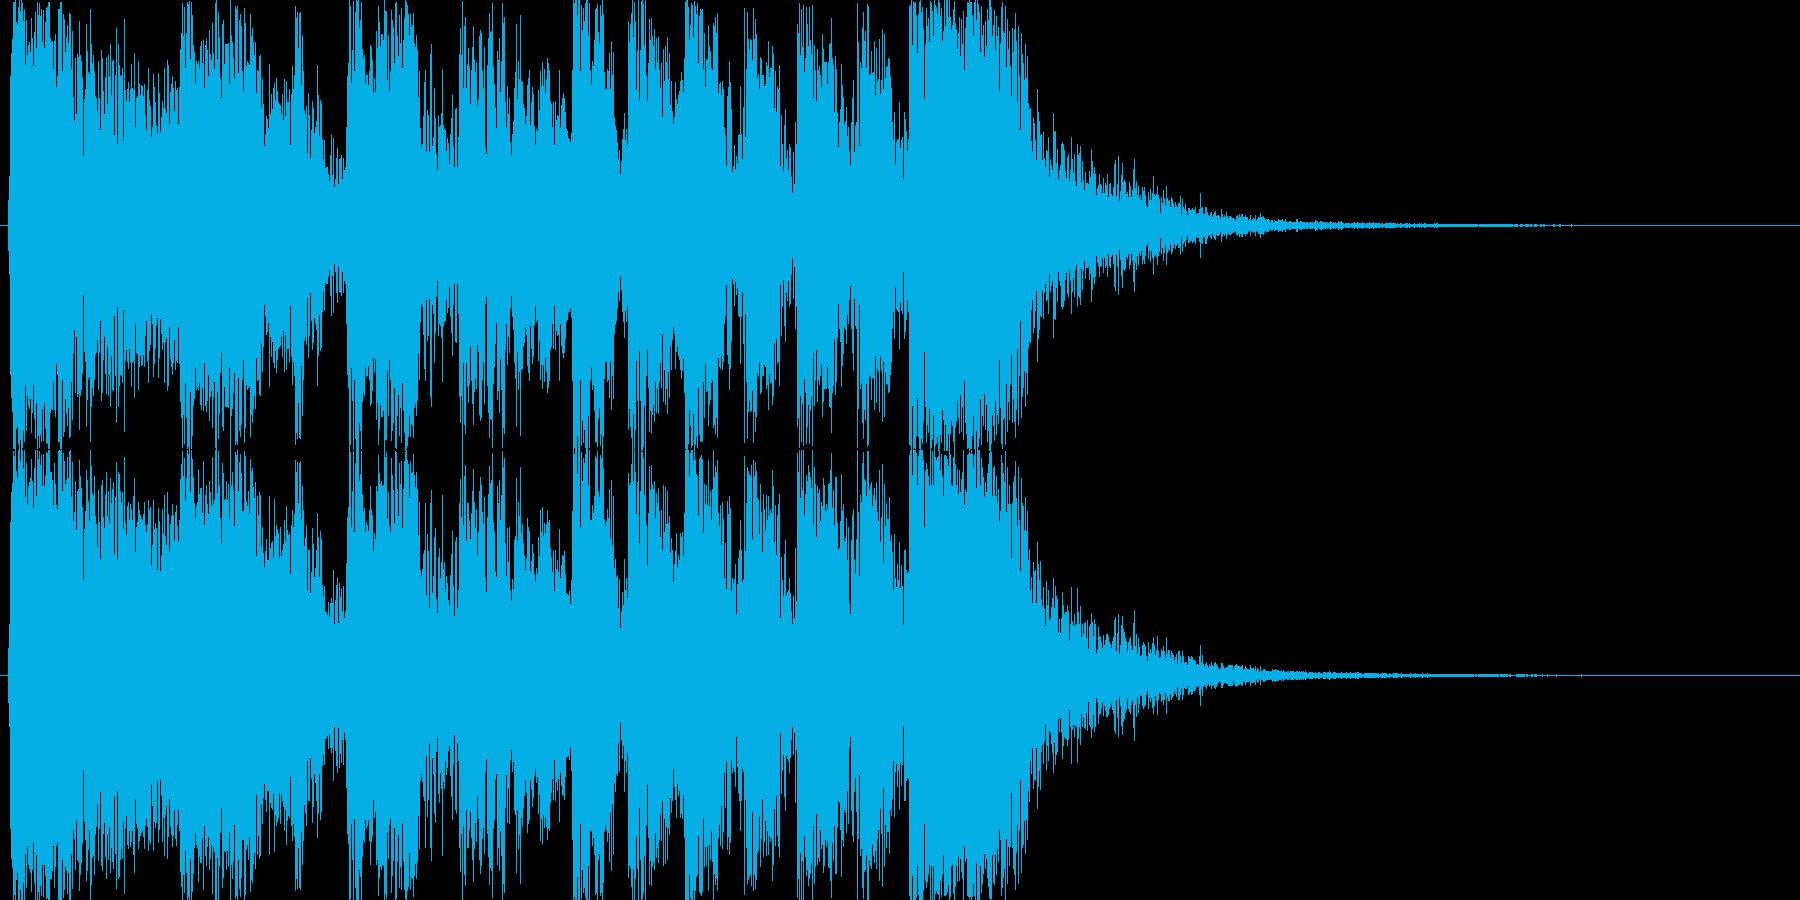 アニメのアイキャッチ風ジングルの再生済みの波形